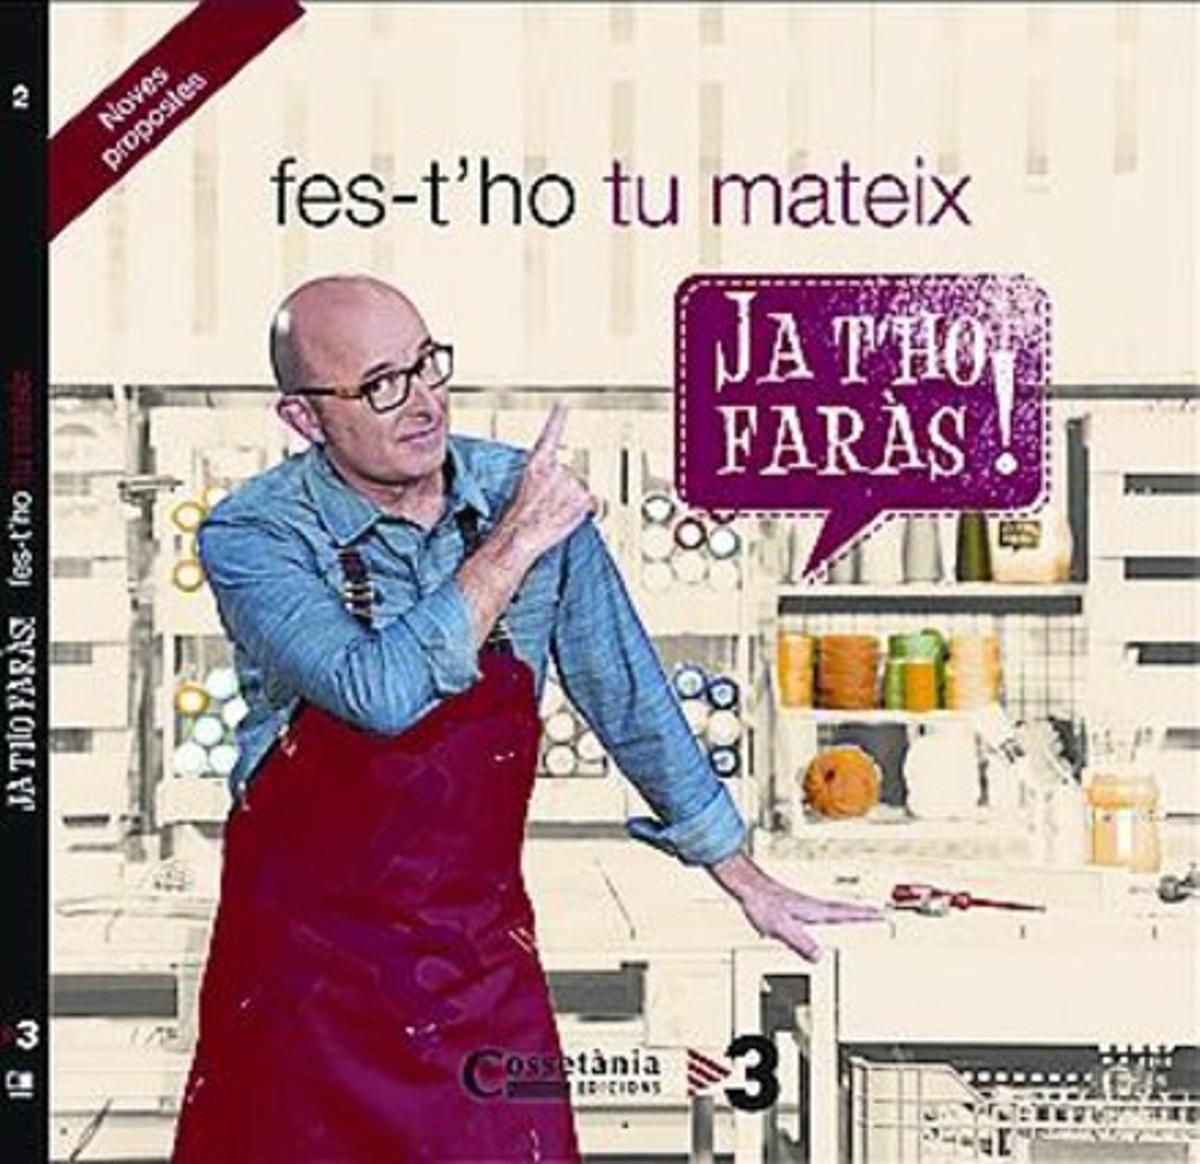 Rafel Vives, en el plató de su programa. Abajo la portada del libro de la segunda temporada.